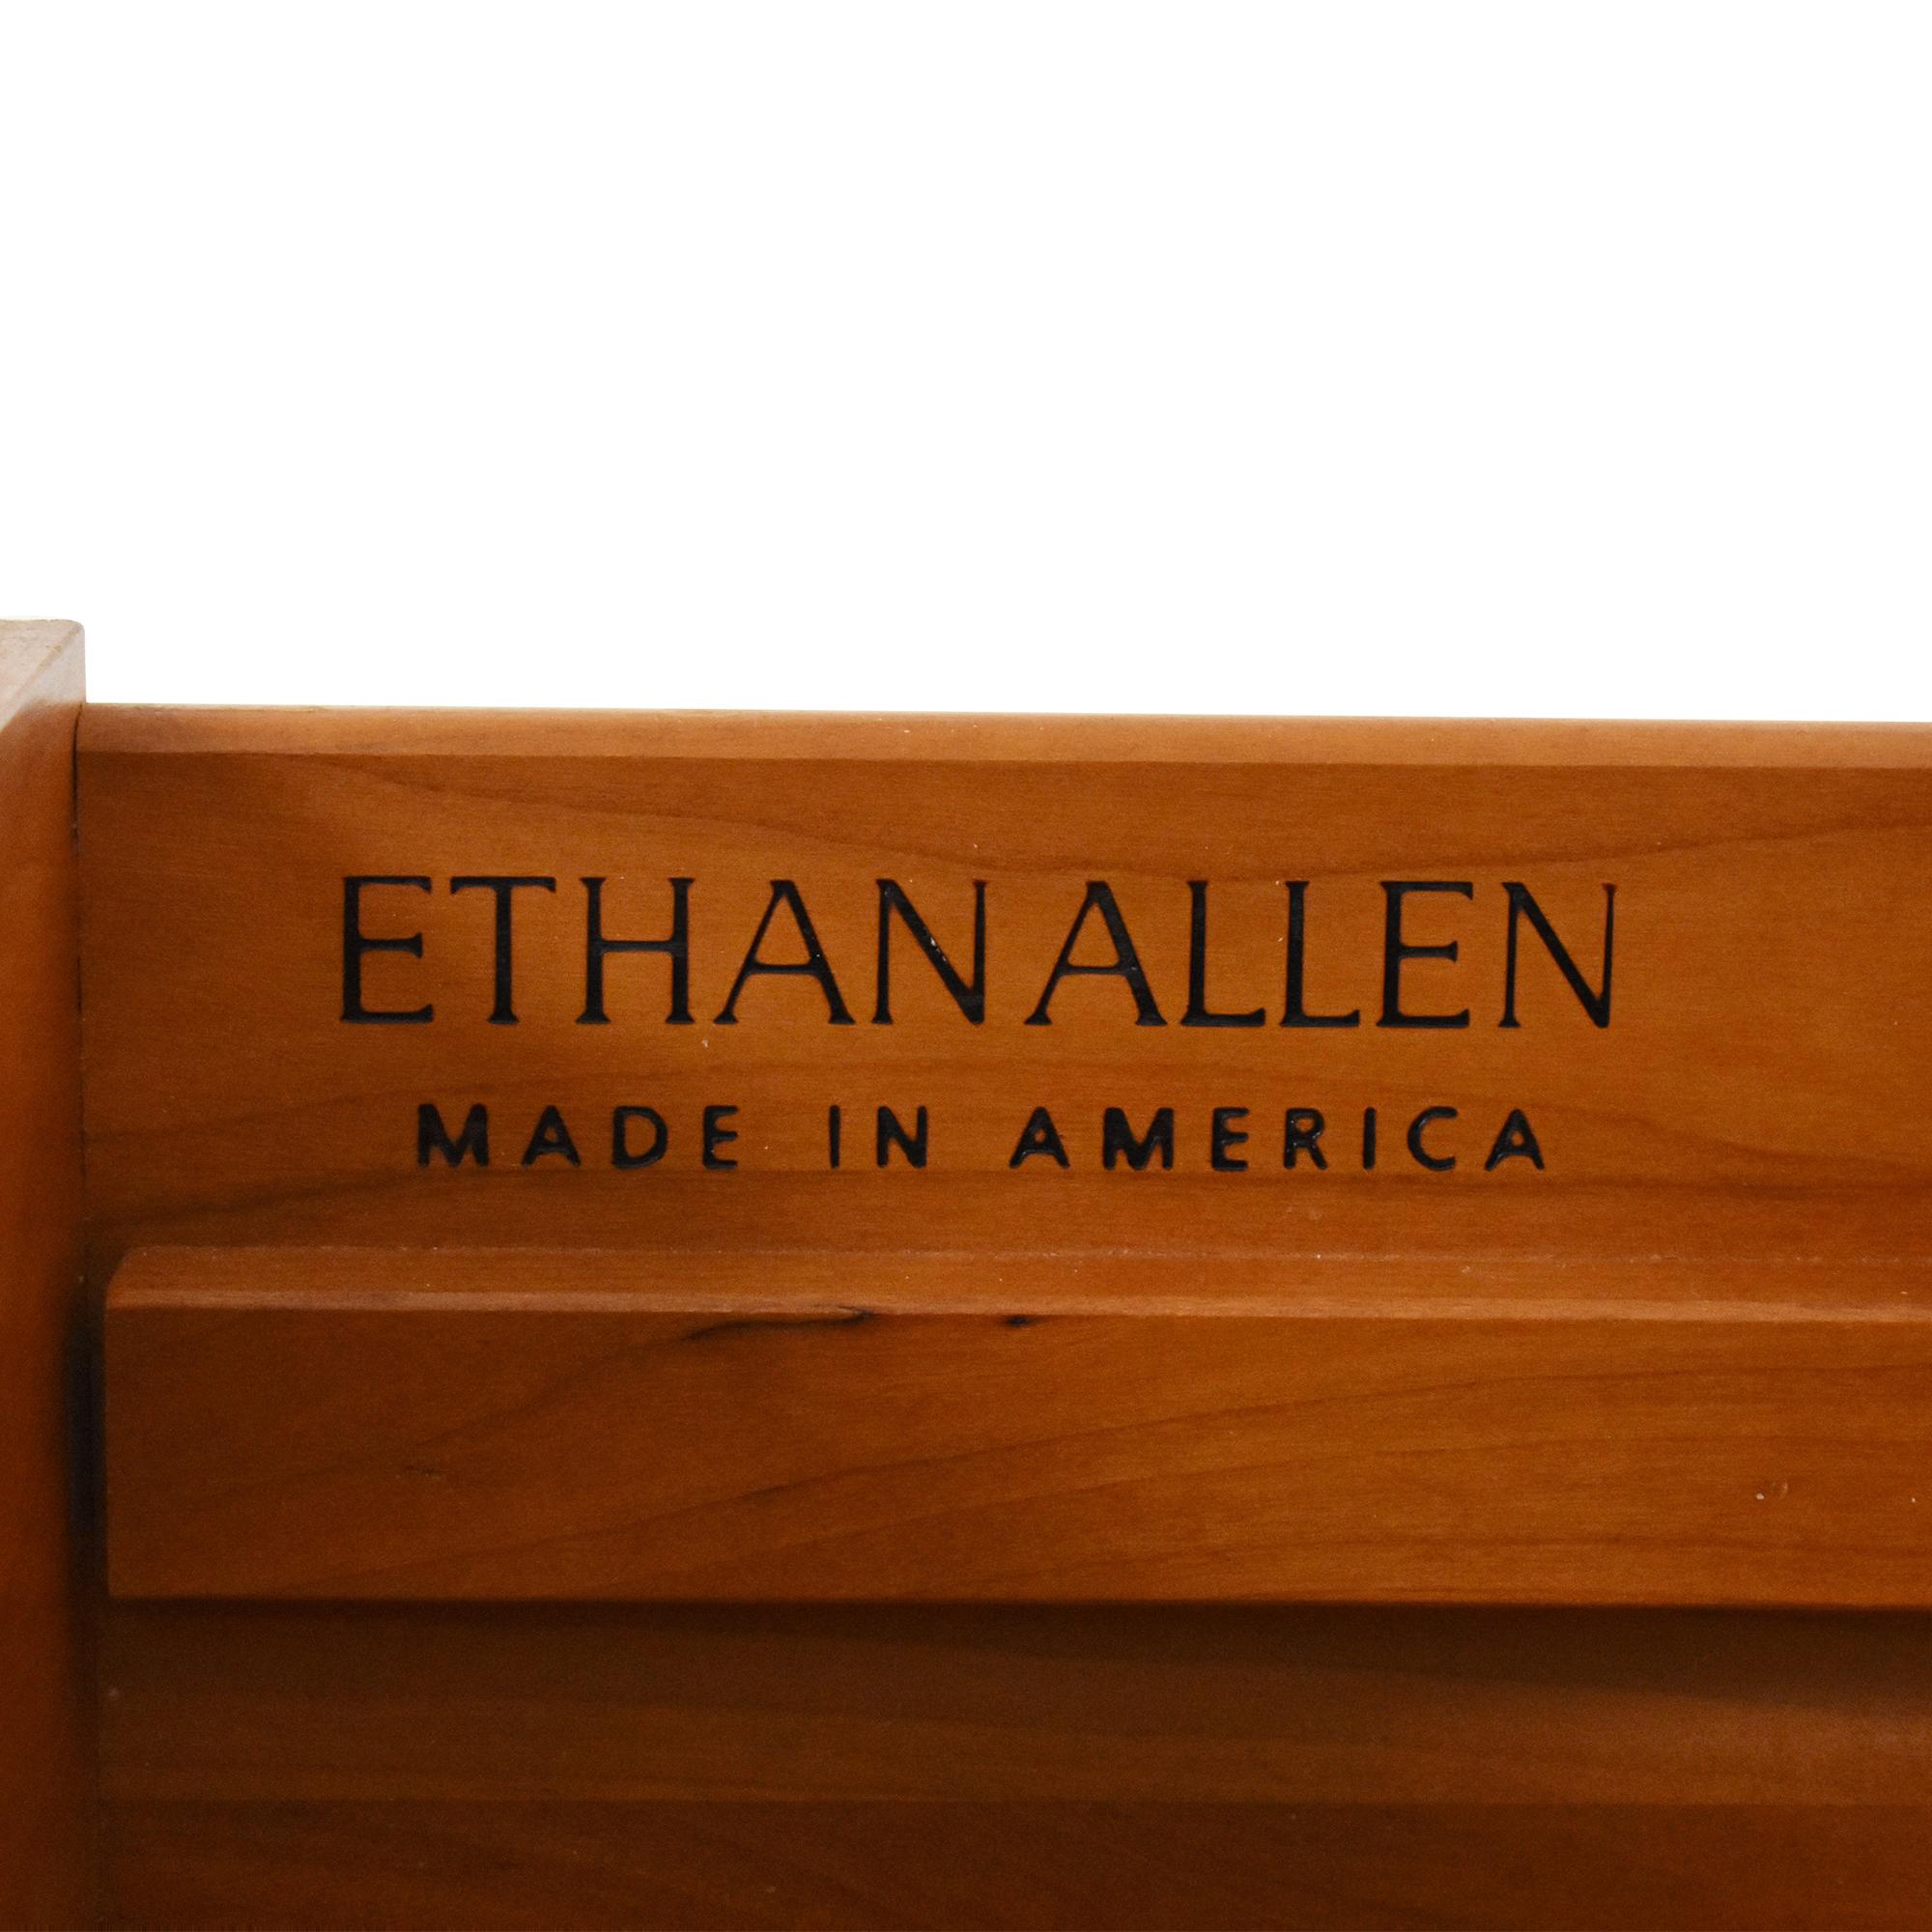 Ethan Allen Ethan Allen Regent's Park Collection Double Dresser dimensions